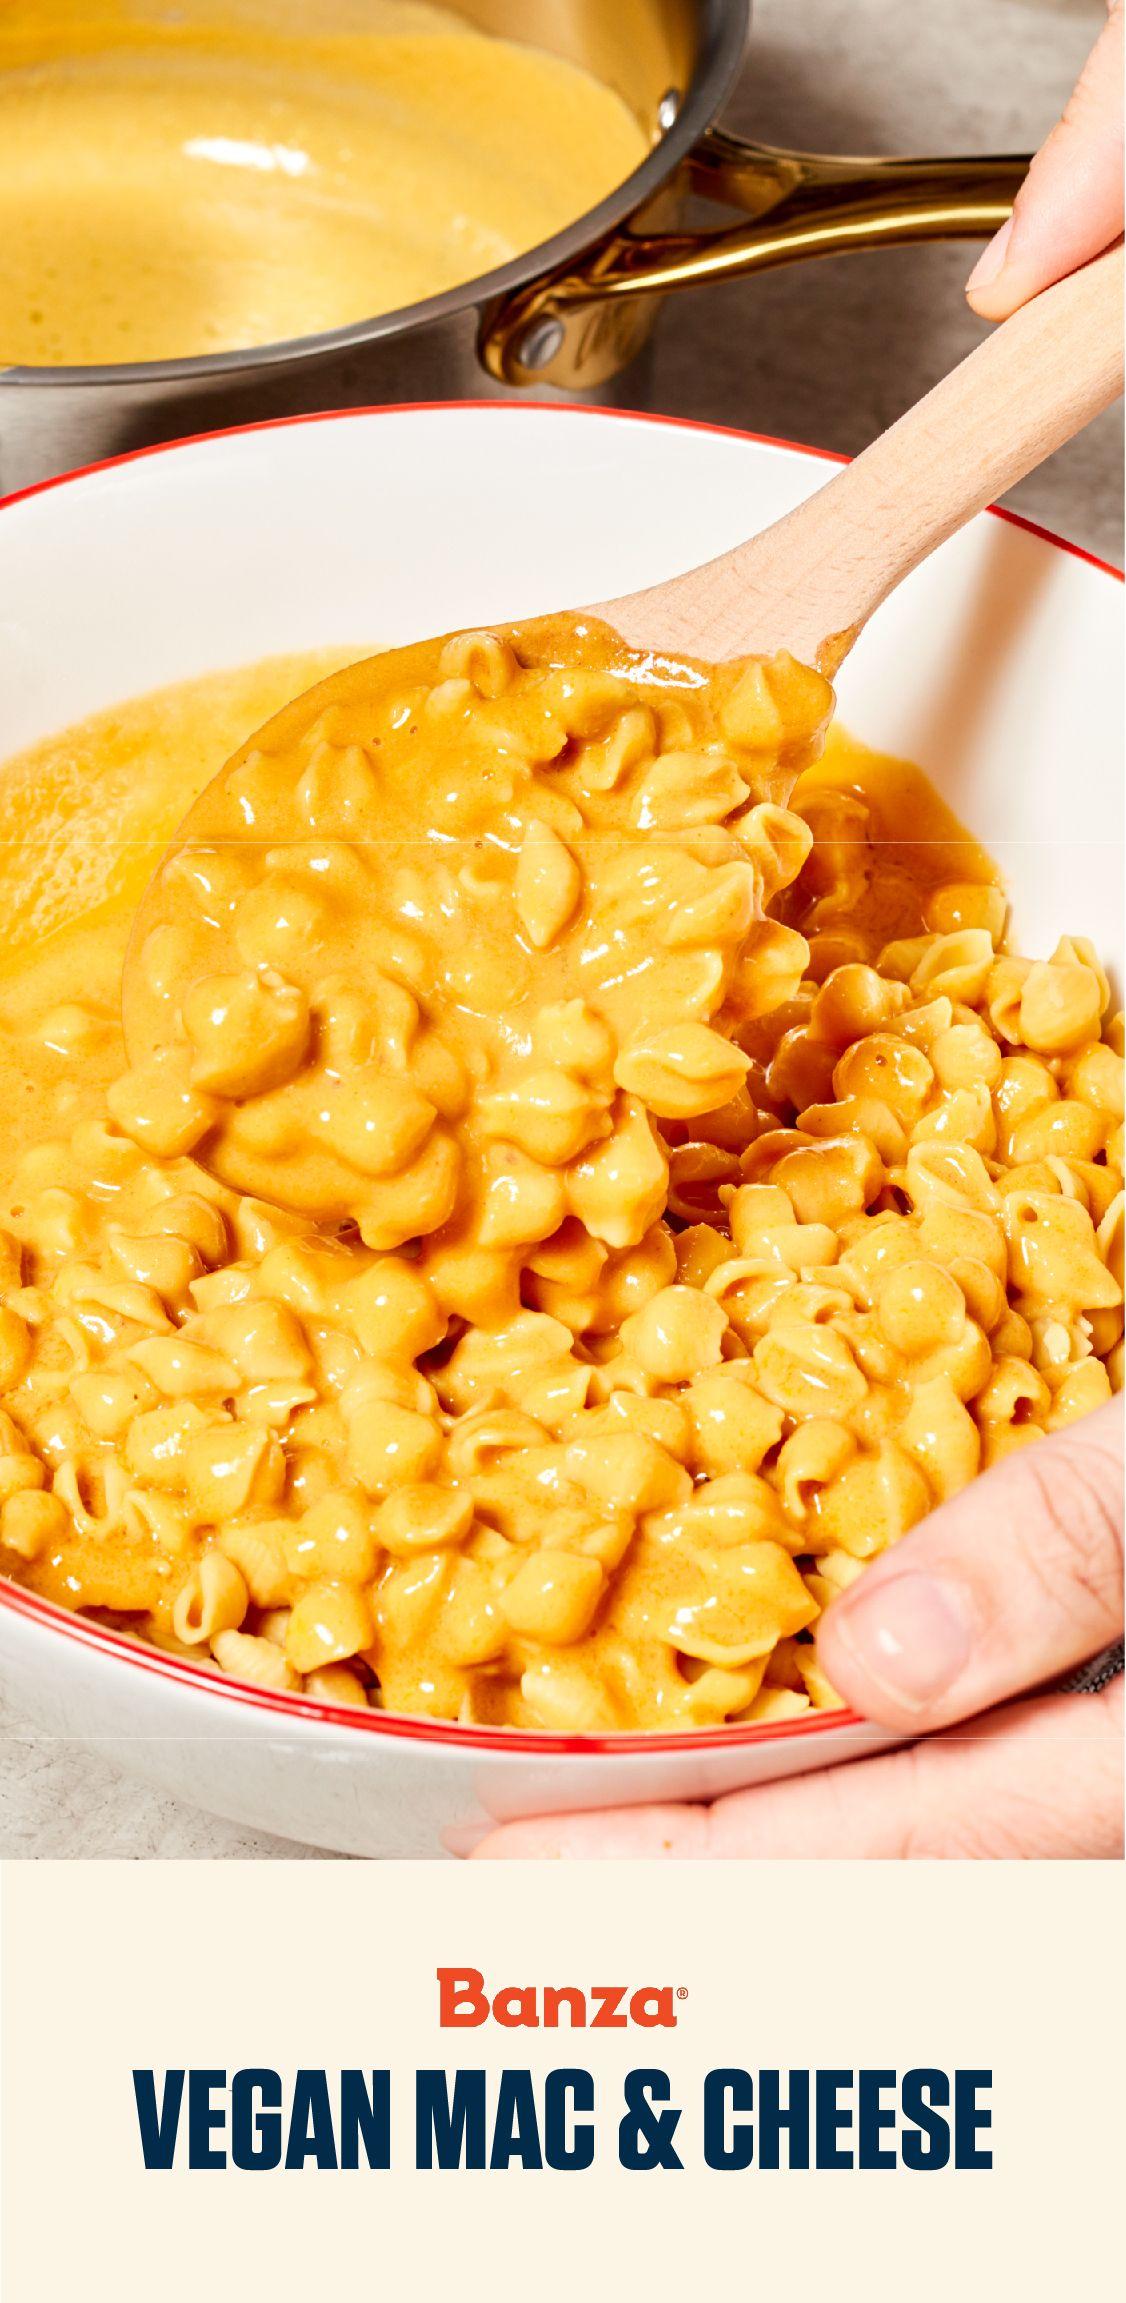 Banza Plant Based Mac Banza In 2020 Vegan Mac And Cheese Dairy Free Mac And Cheese Cheese Pasta Recipes